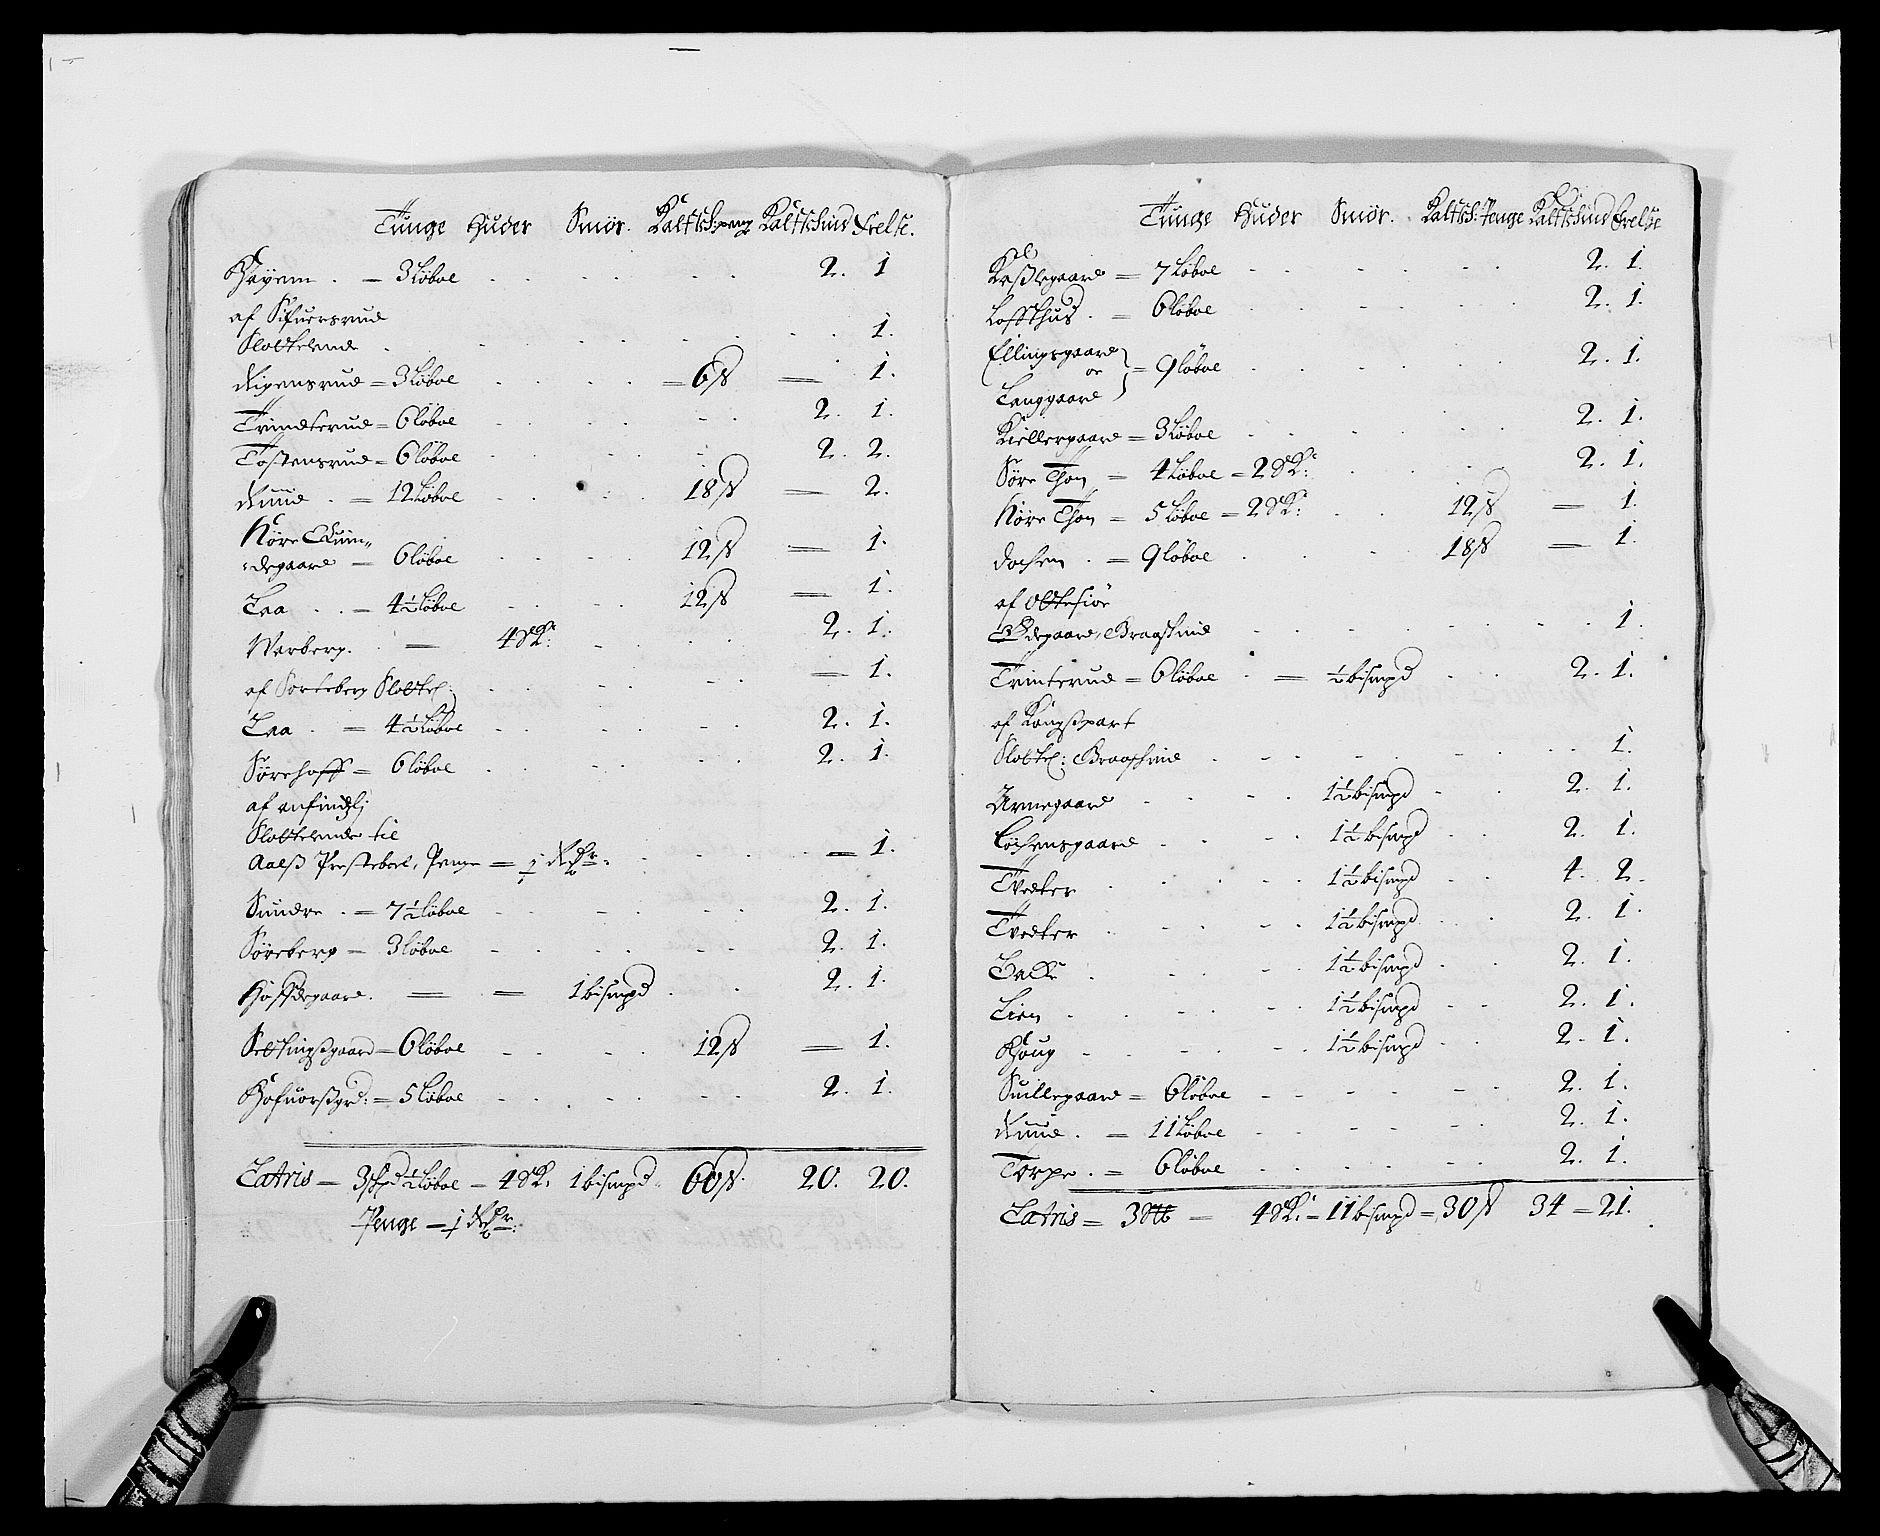 RA, Rentekammeret inntil 1814, Reviderte regnskaper, Fogderegnskap, R21/L1446: Fogderegnskap Ringerike og Hallingdal, 1683-1686, s. 188